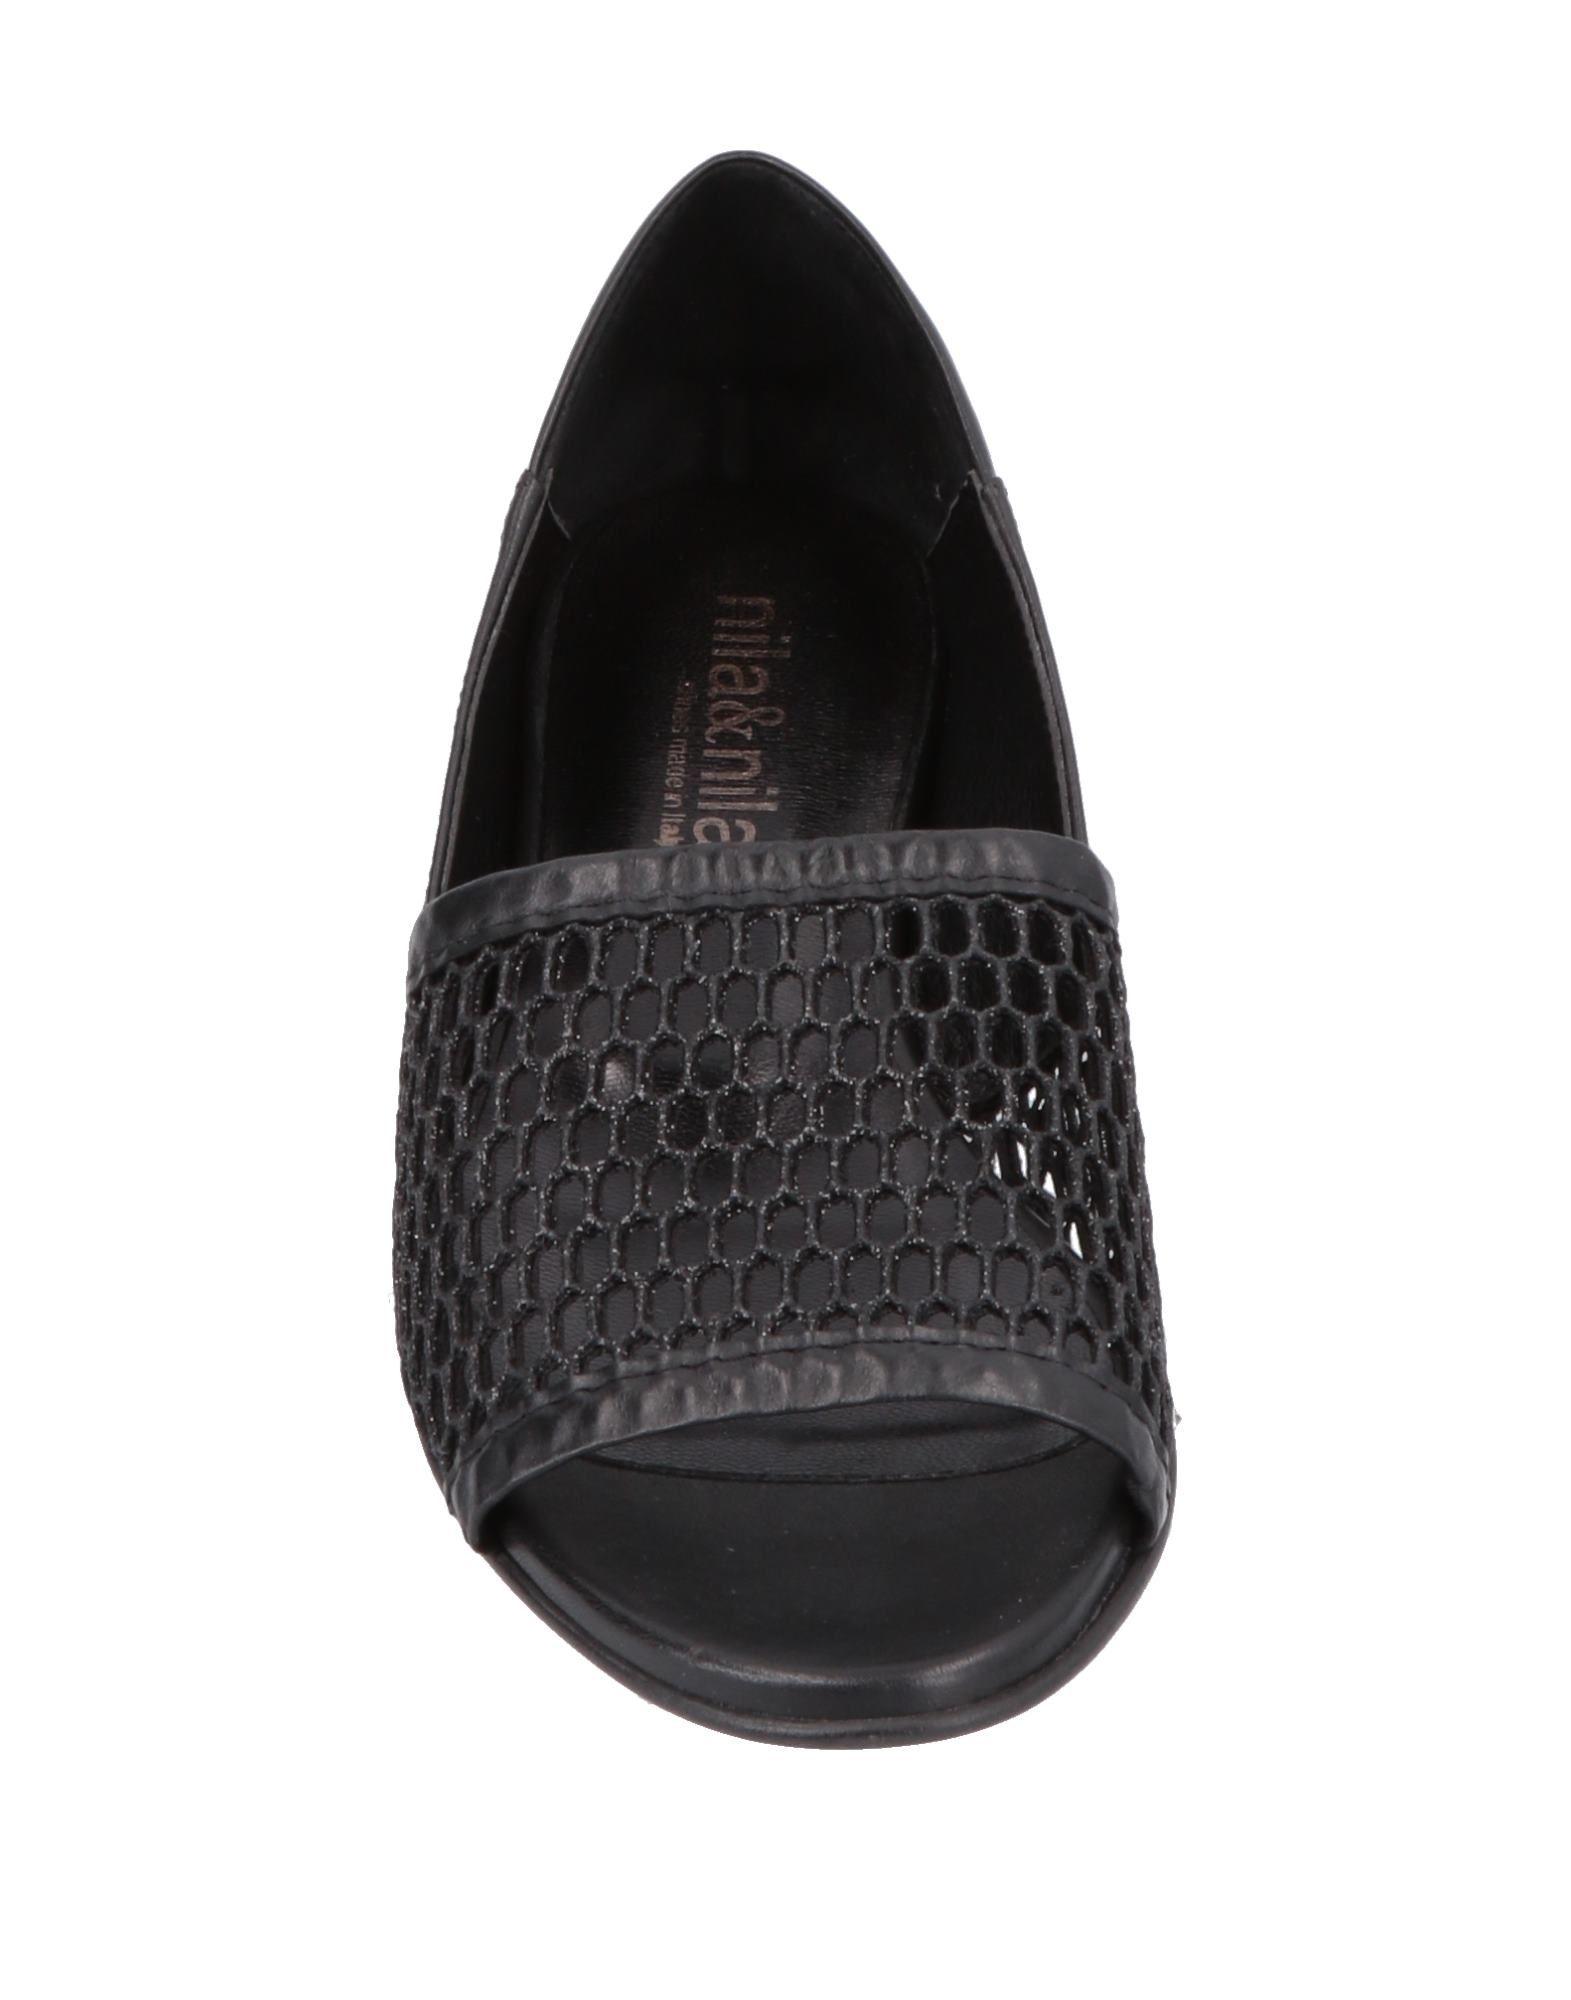 Nila & Nila Sandalen Damen  11583803OM Qualität Gute Qualität 11583803OM beliebte Schuhe 8a3bb4